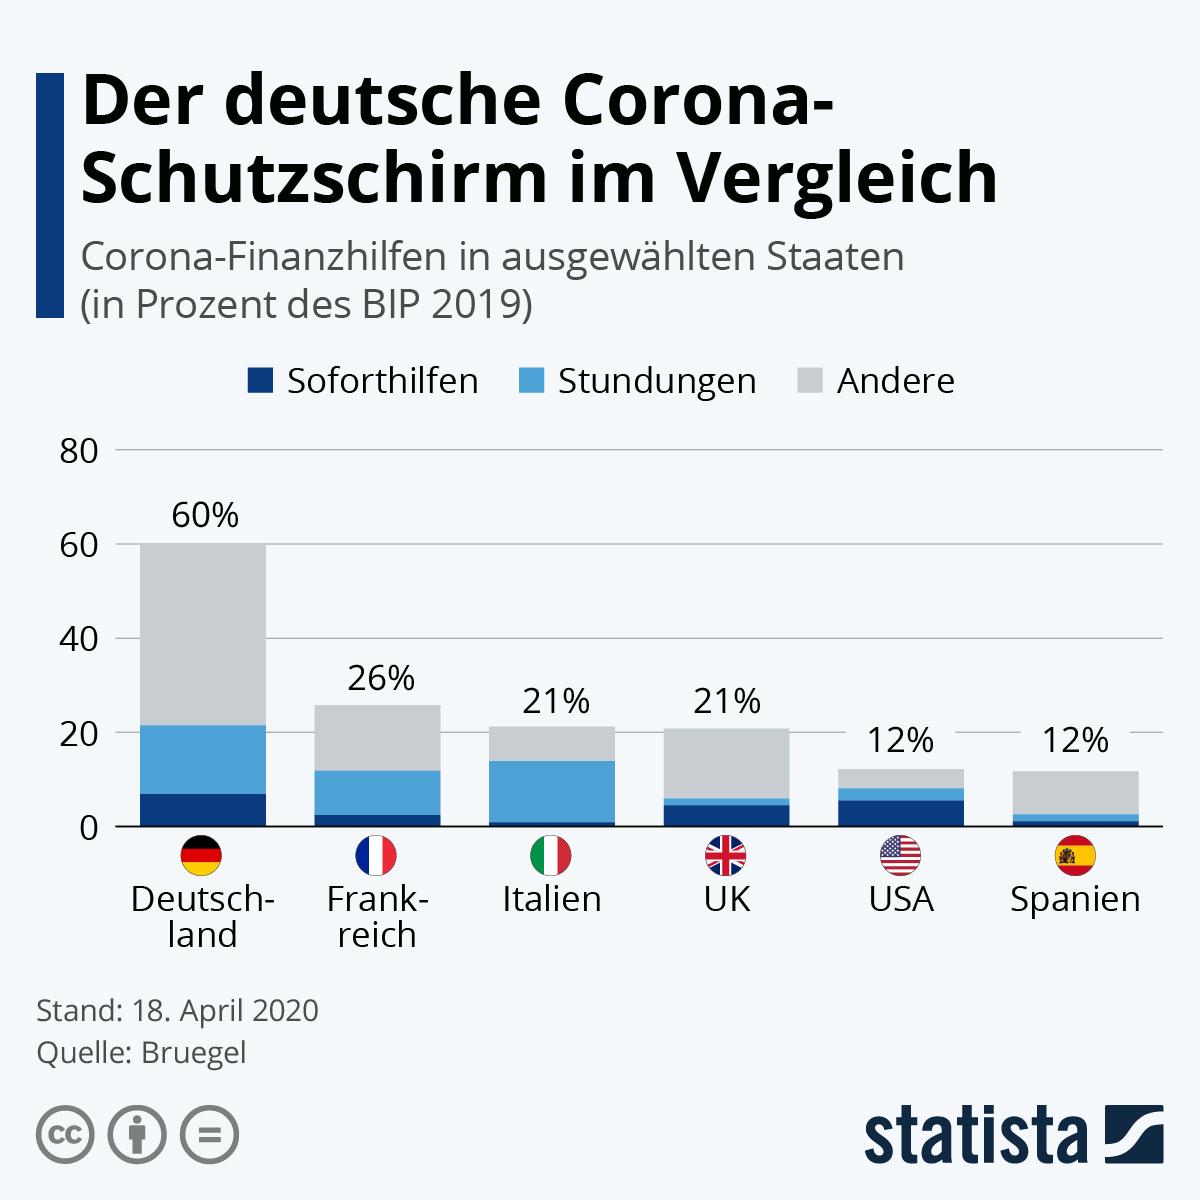 Der deutsche Corona-Schutzschirm im Vergleich | Statista